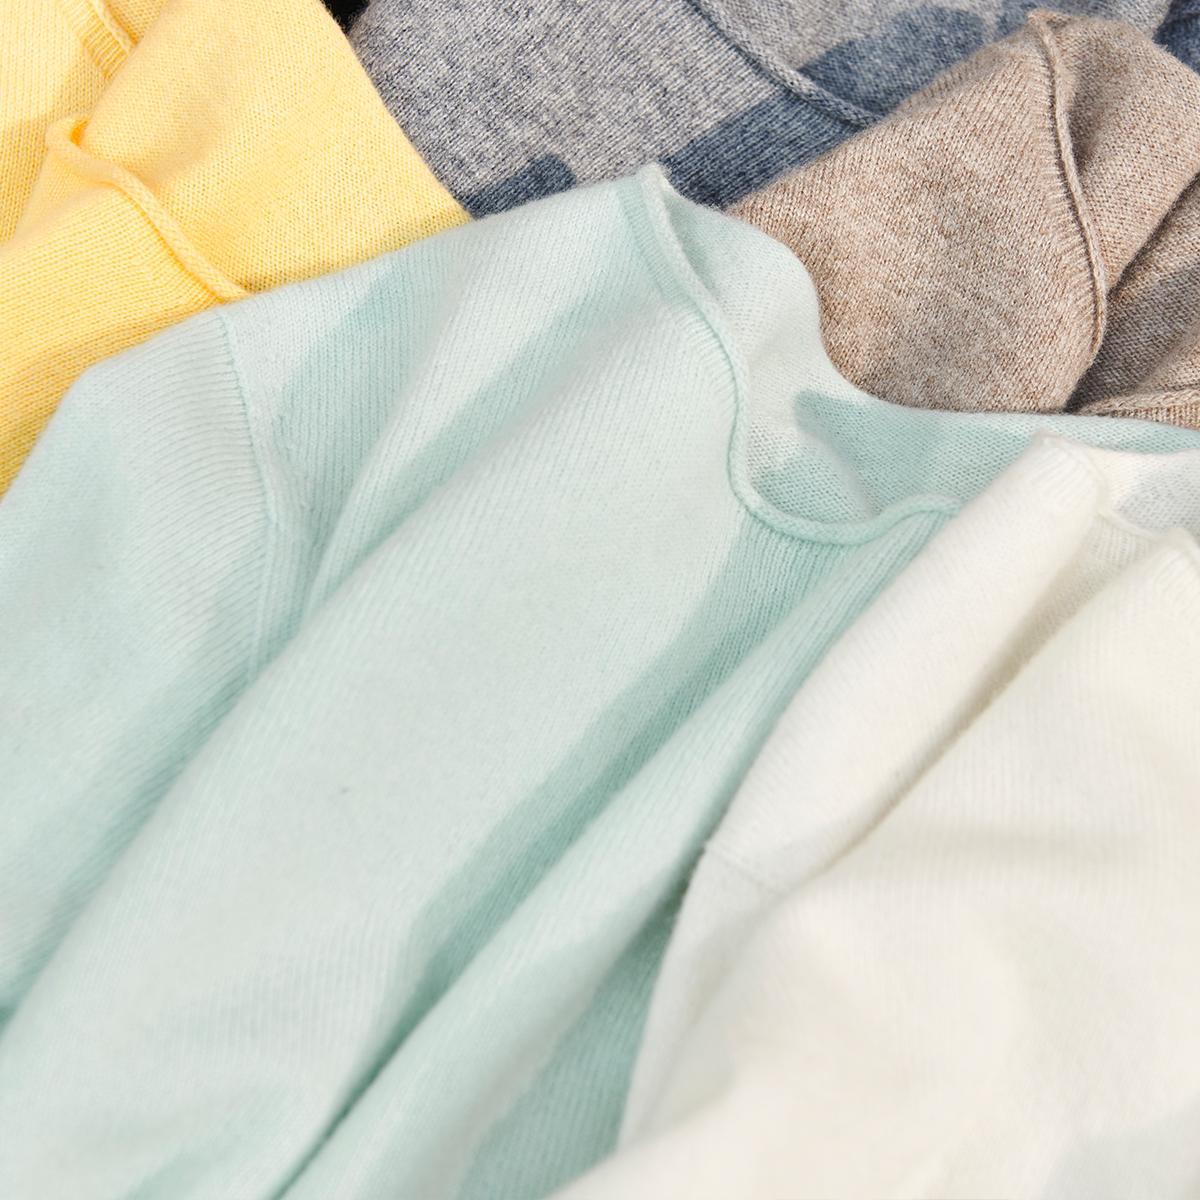 【福利款】无缝一体羊毛衫 26支 克重183g No.3